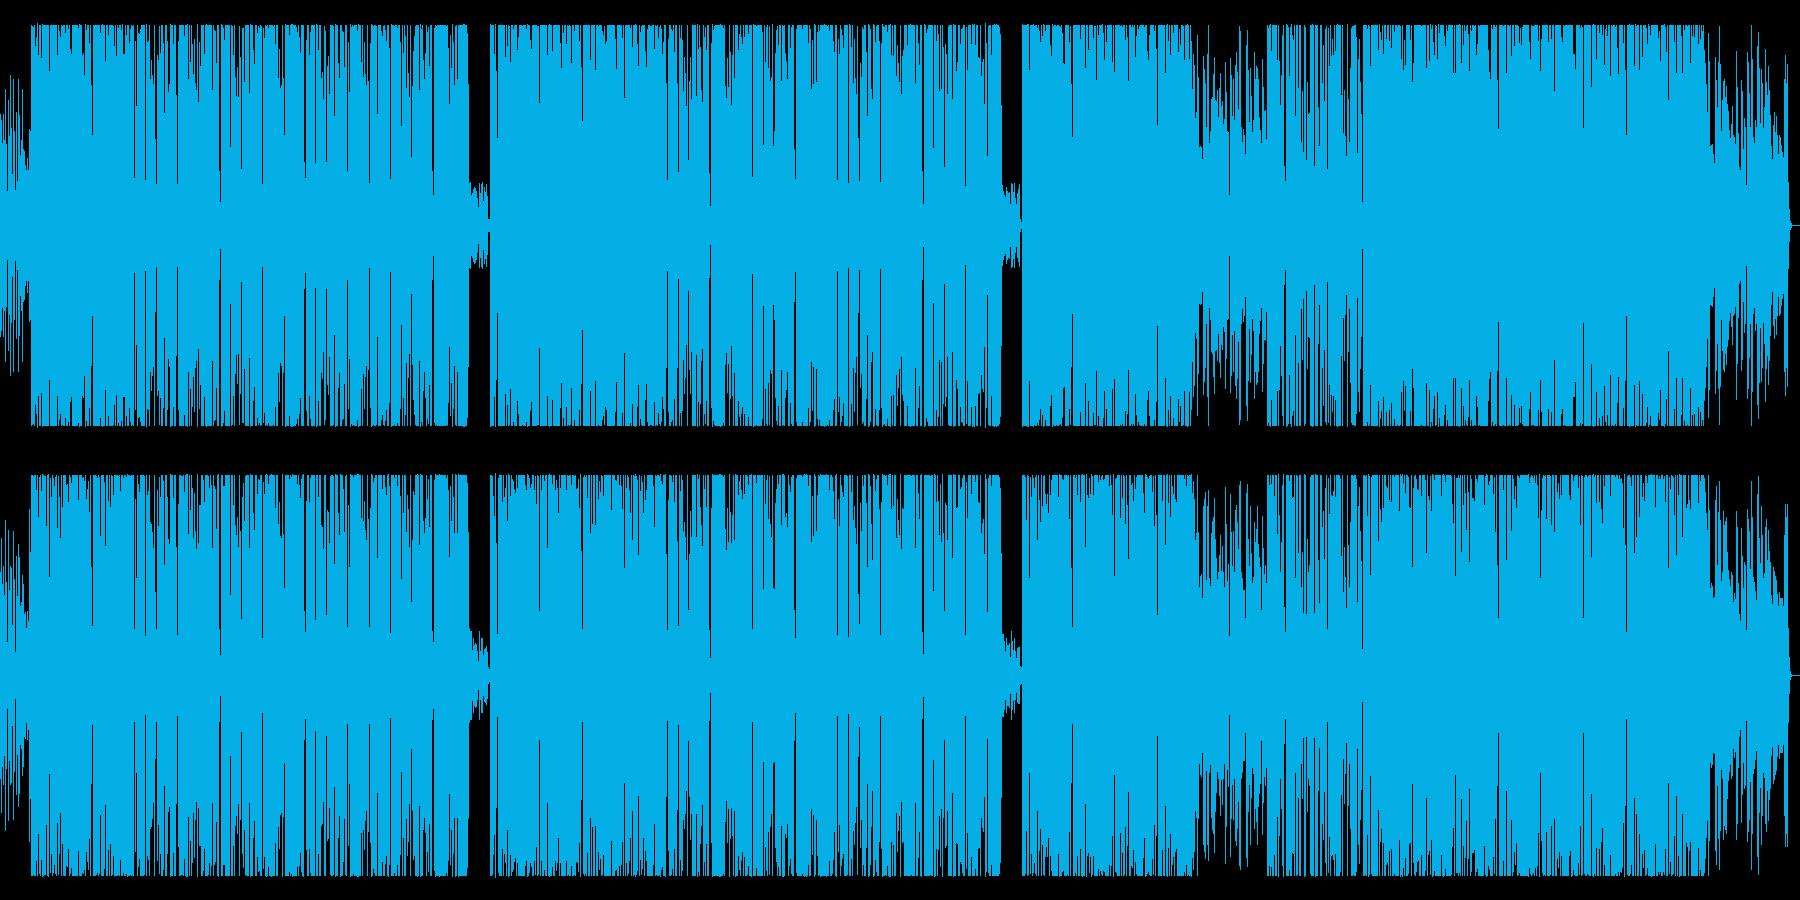 ブルースギターのお洒落トラックの再生済みの波形